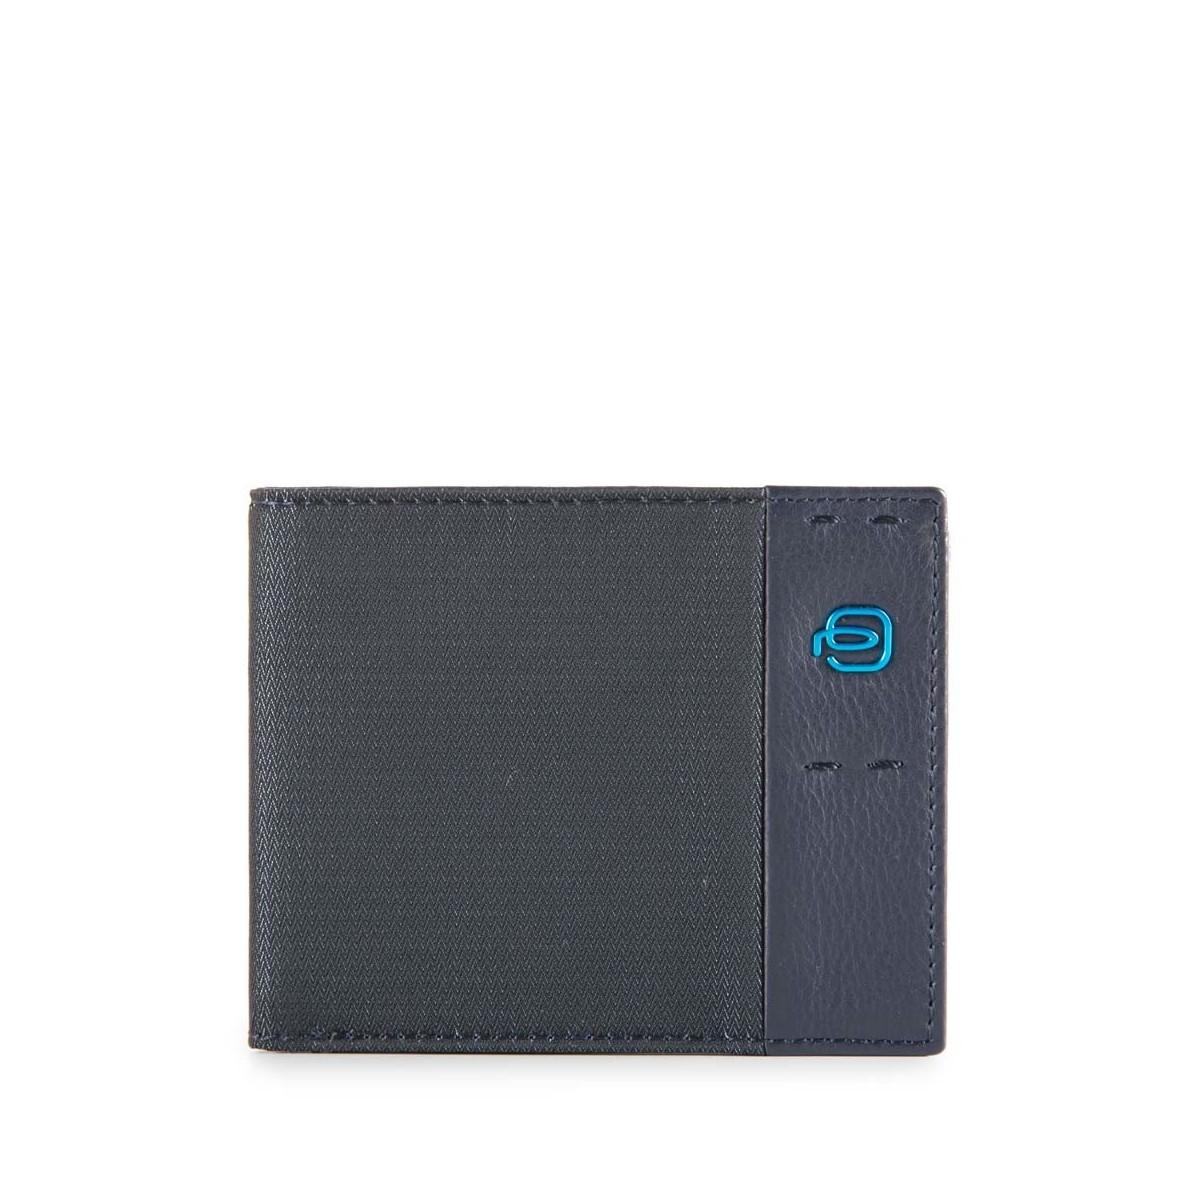 PIQUADRO Pulse portafogli uomo 6 cc, pelle e tessuto blu